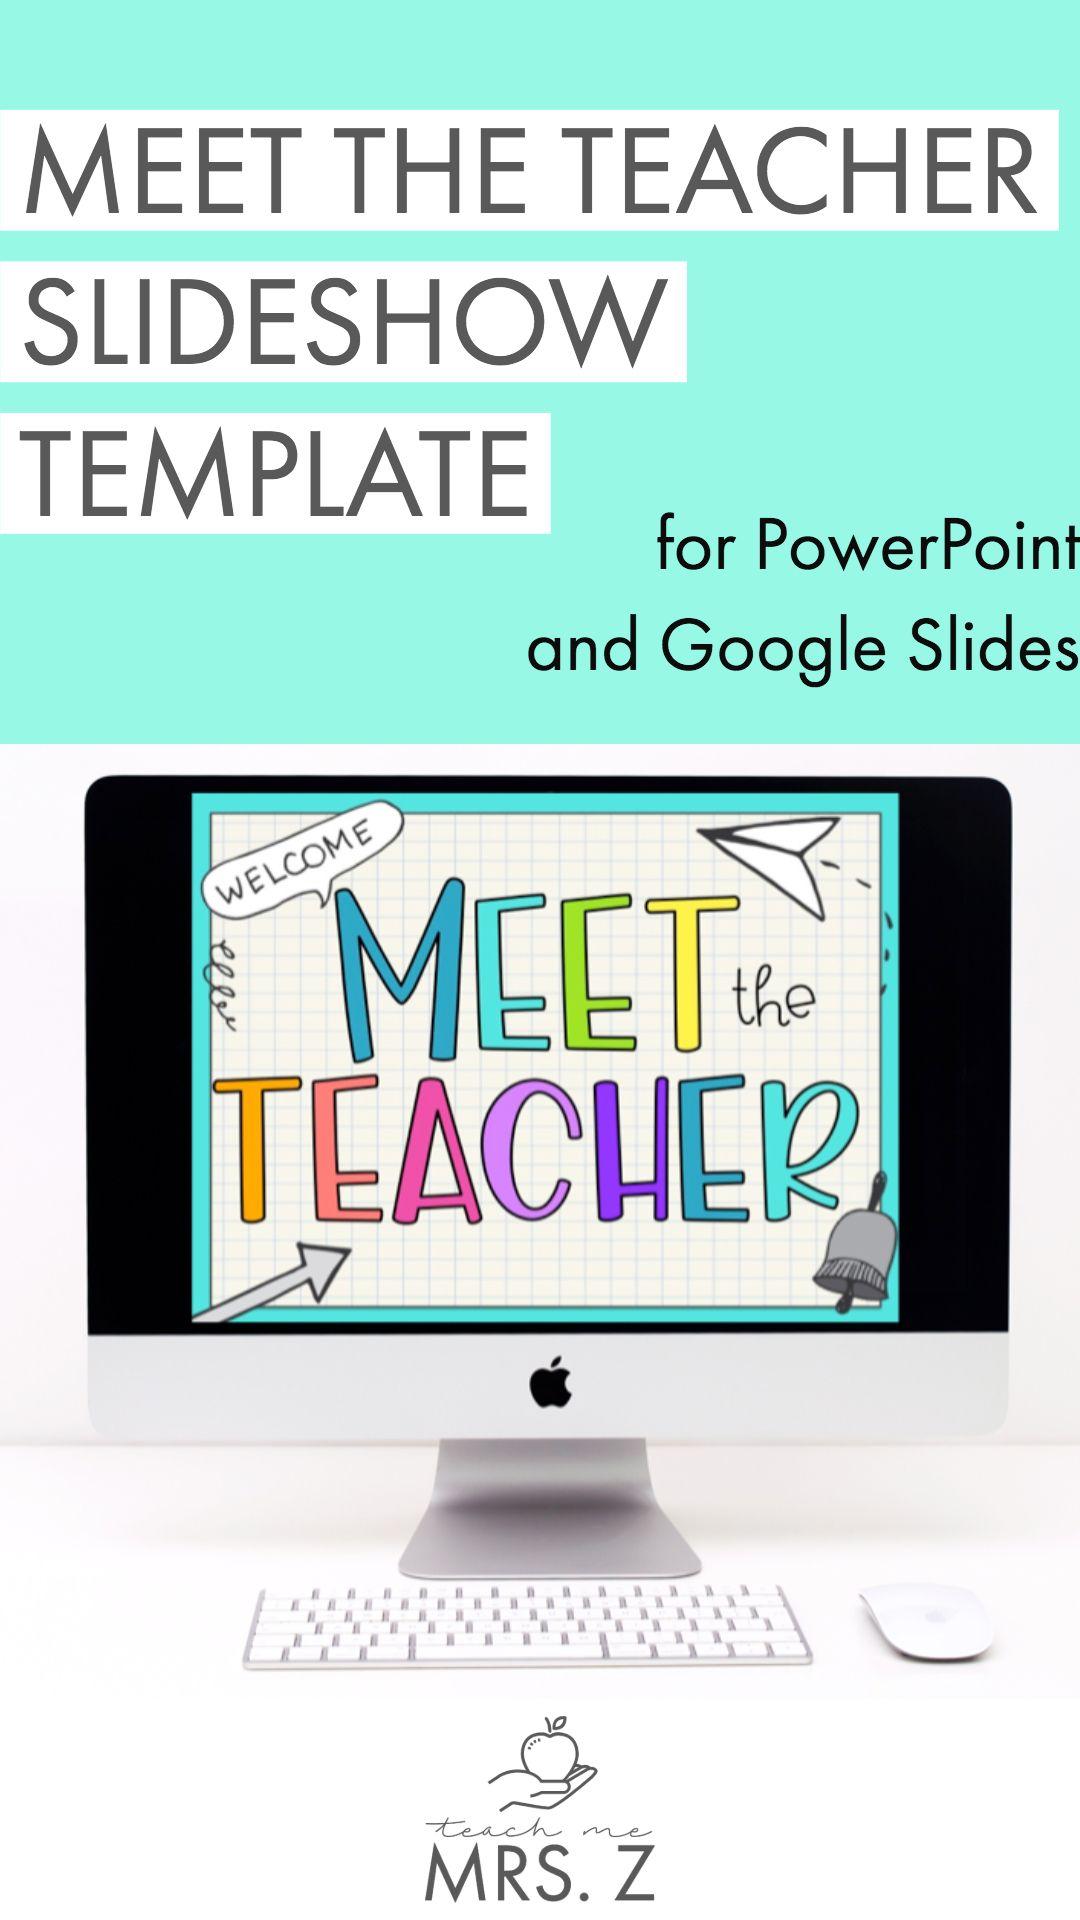 Meet the Teacher Slideshow Meet the teacher, Teacher